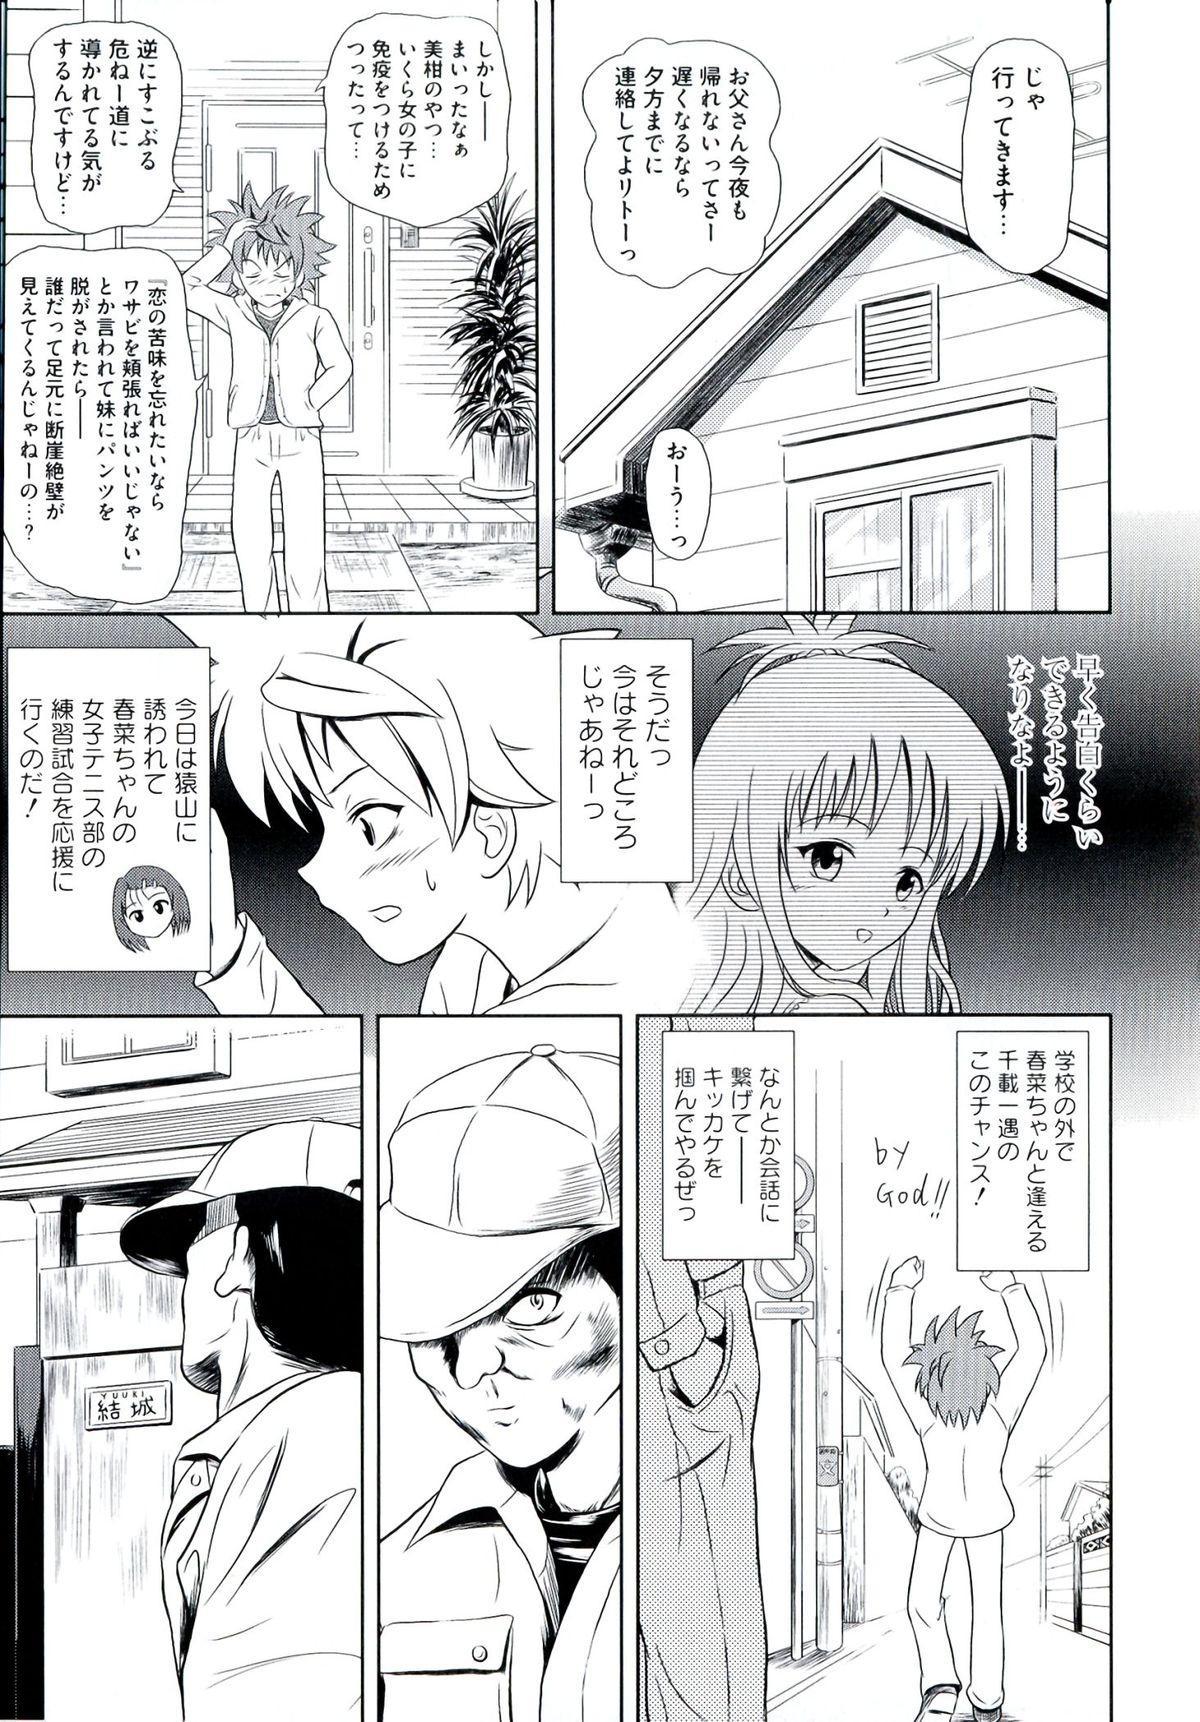 Geki EROVEru DARKNESS 138